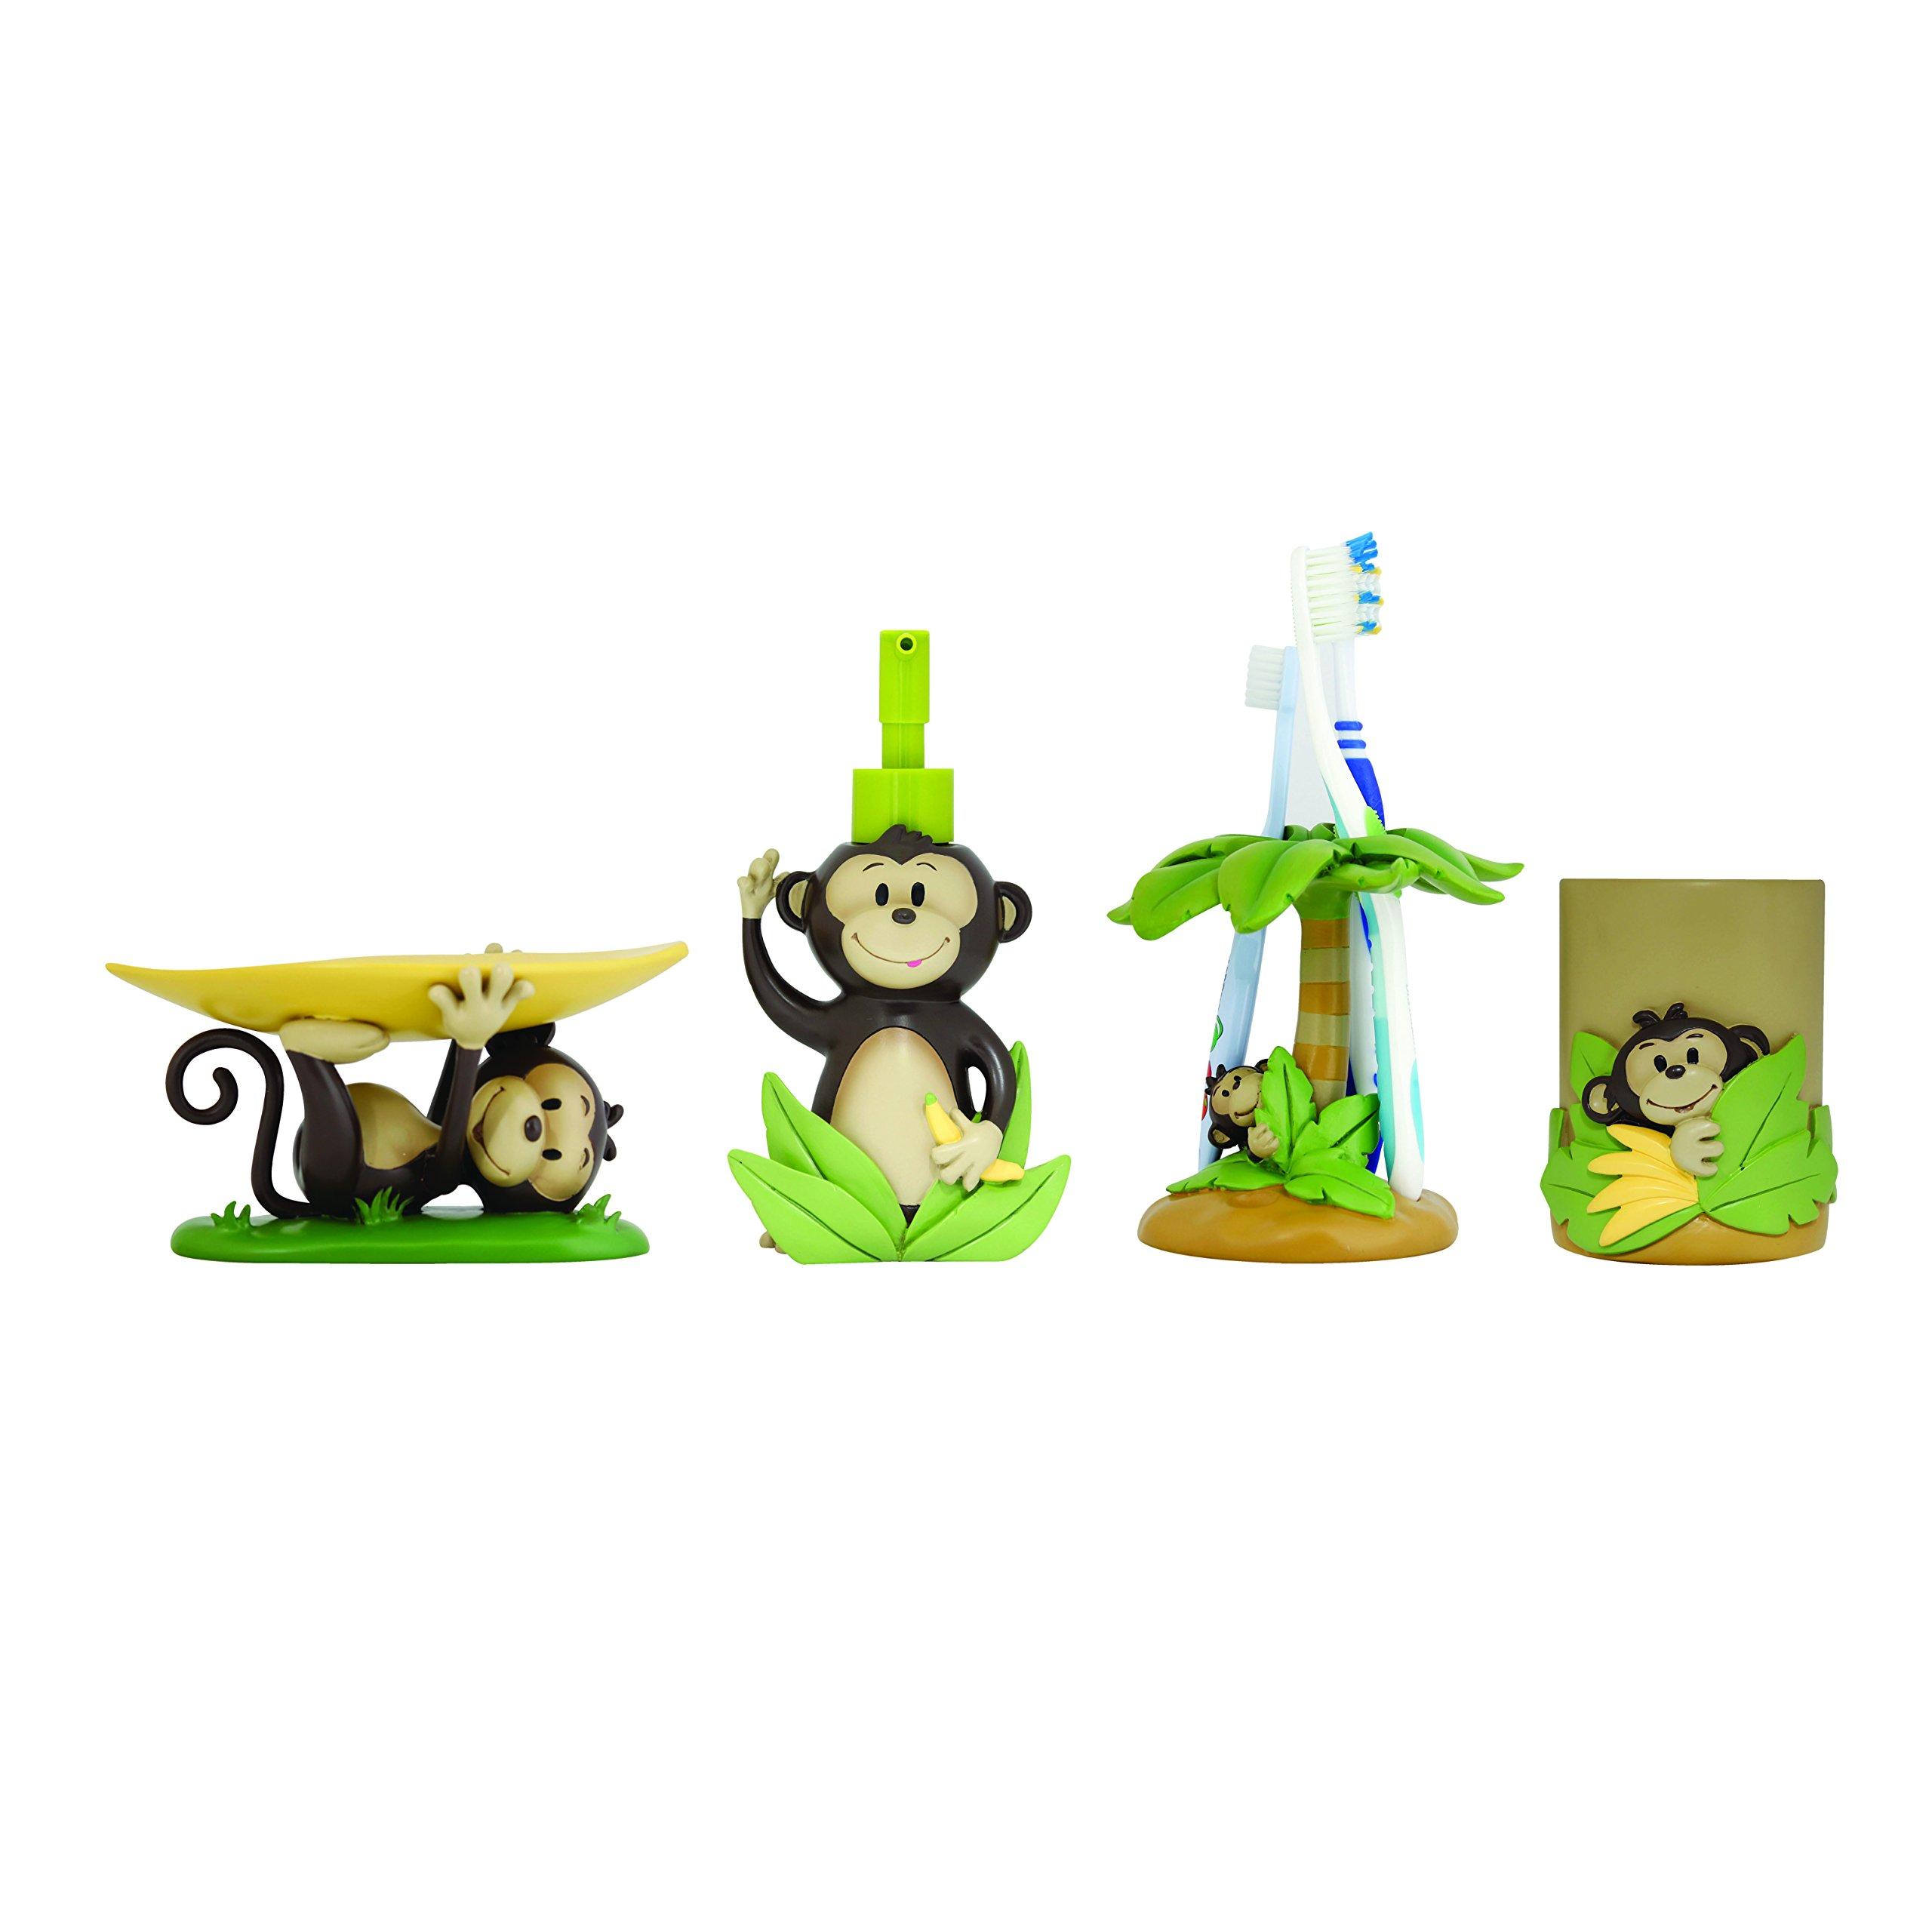 MODONA Four Piece KIDS Bathroom Accessories Set - Monkey